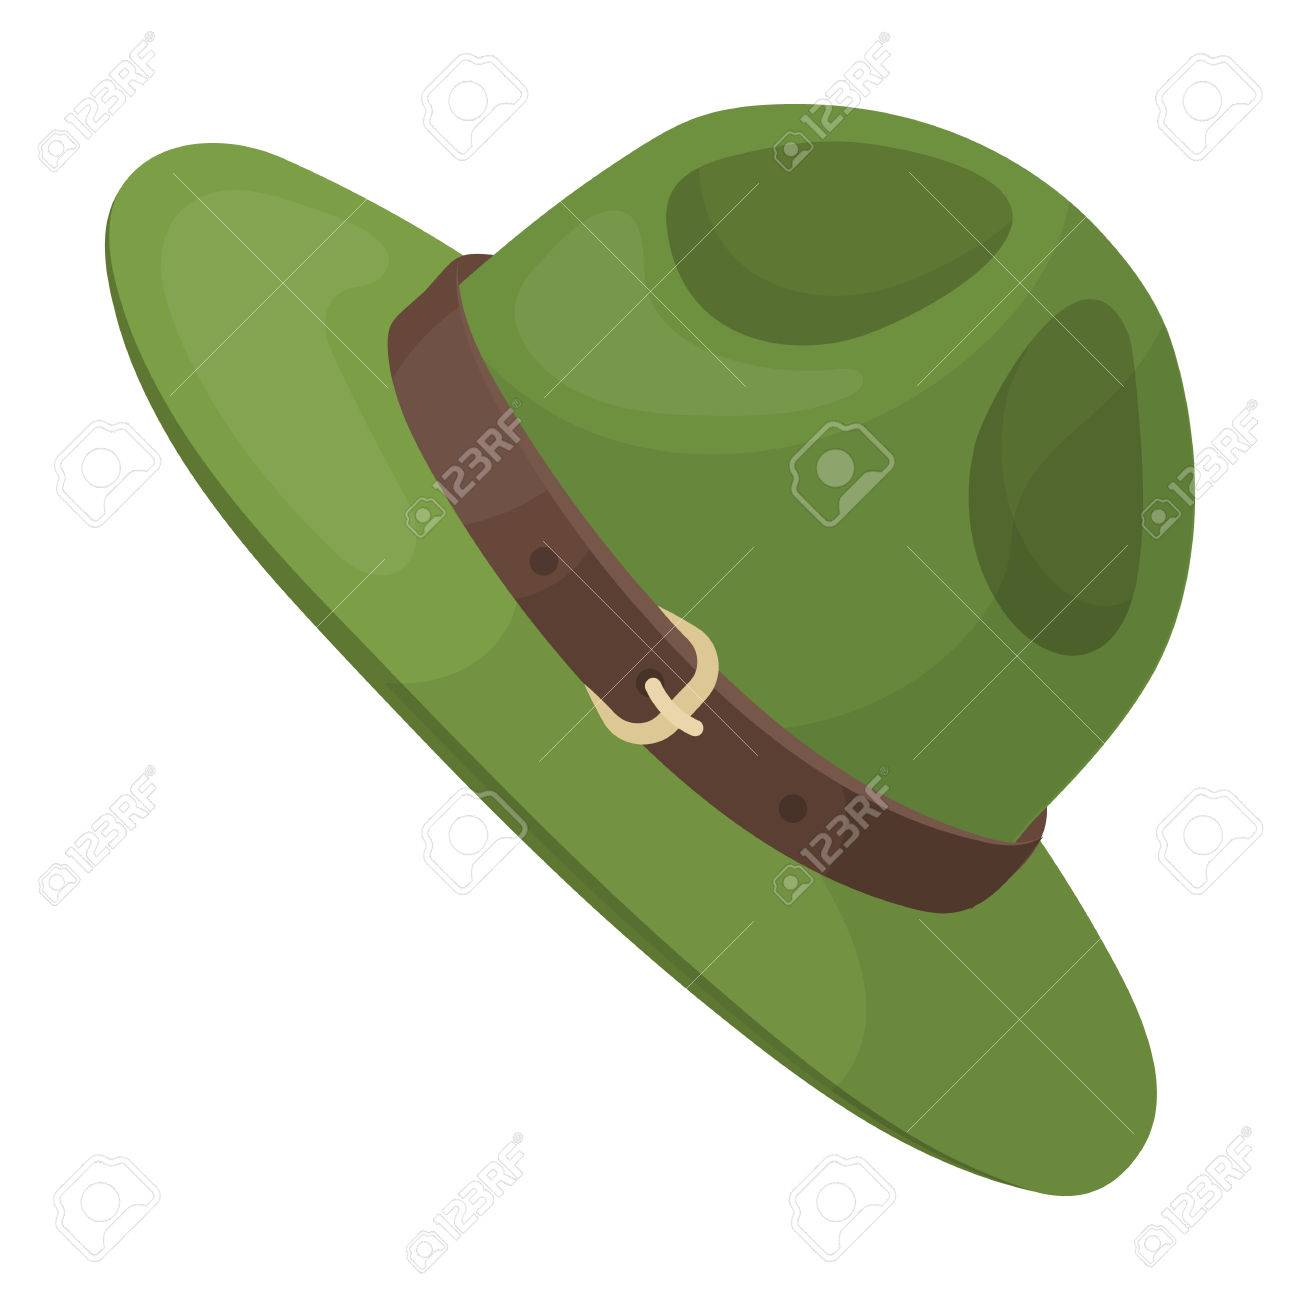 Foto de archivo - Sombrero verde de un ranger canadiense. Solo icono de  Canadá en el clasificador del estilo de la historieta d17a5f0a09a